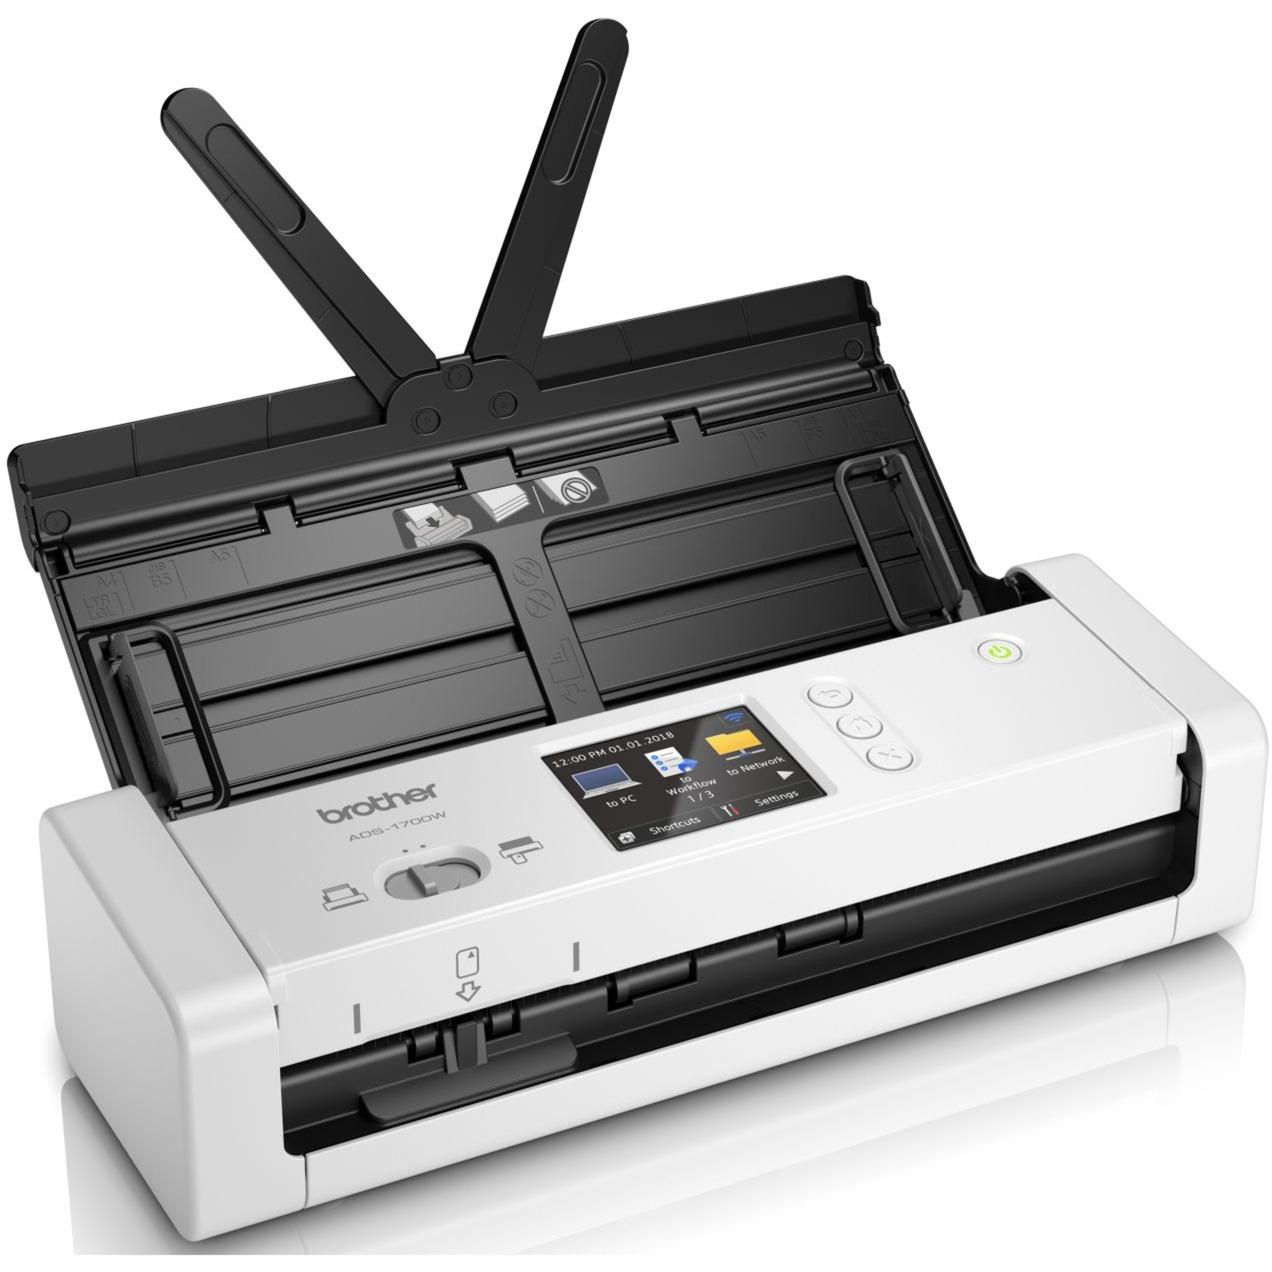 ADS-1700W escaner 600 x 600 DPI Escáner con alimentador automático de documentos (ADF) Negro, Blanco A4, Escáner de alimentación de hojas